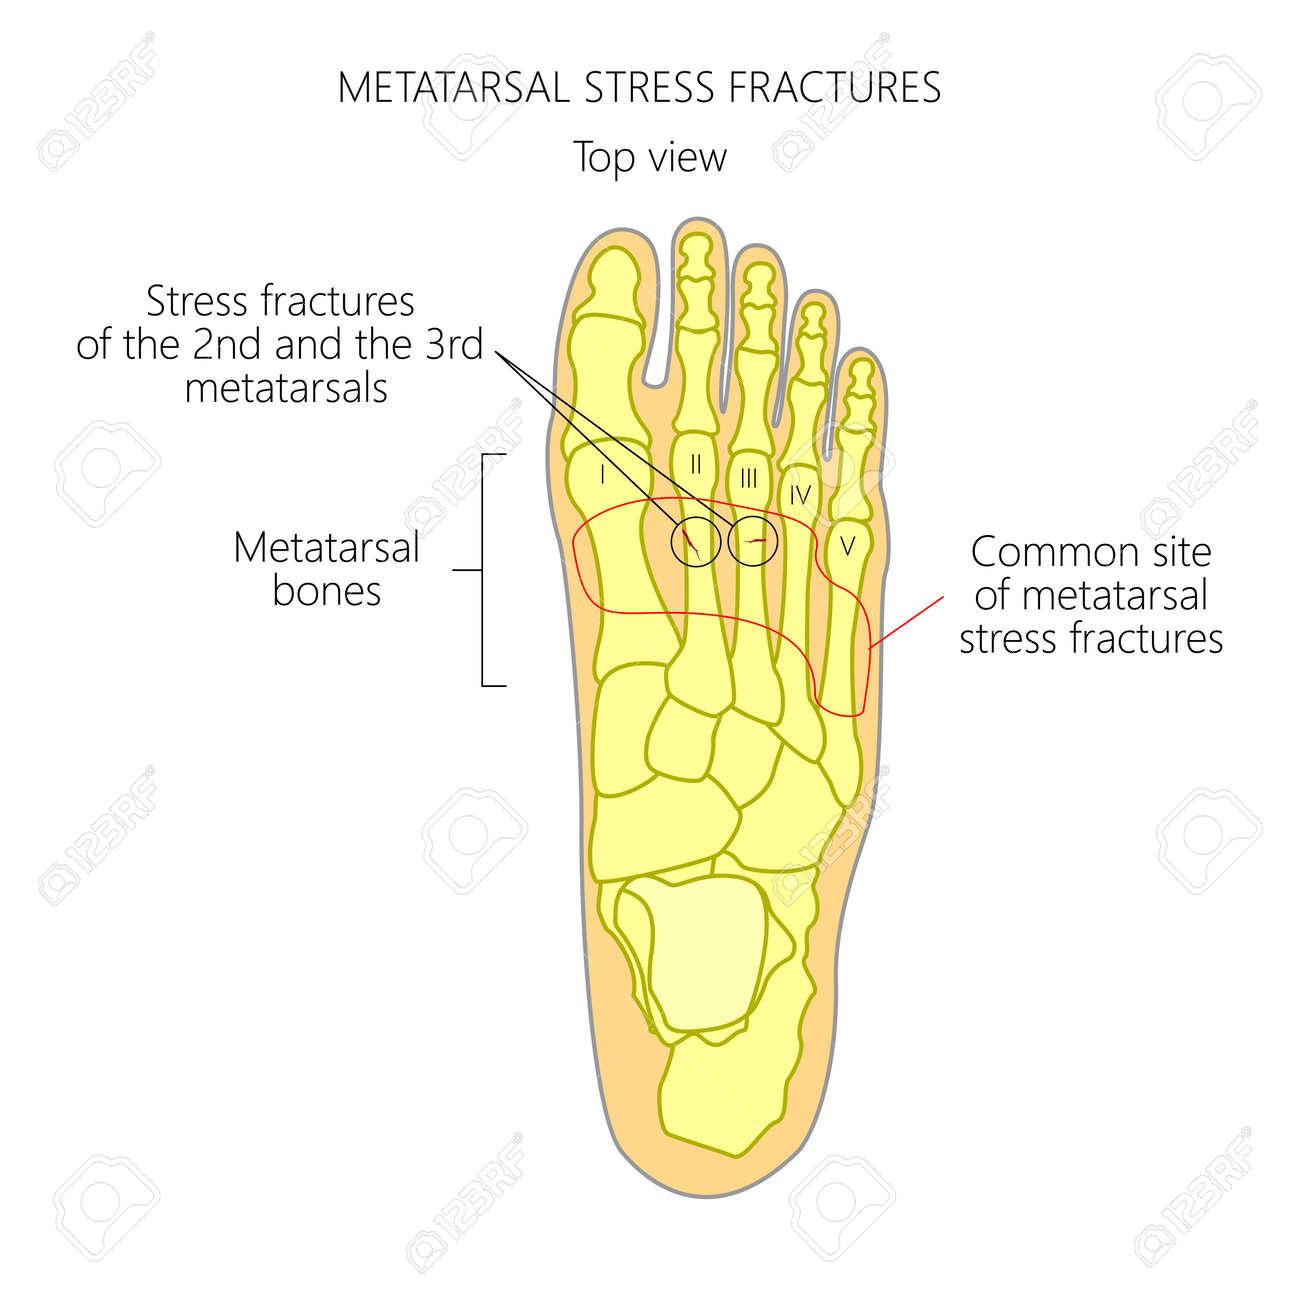 Ilustración (Diagrama) De Las Fracturas Por Estrés Metatarsiano En ...